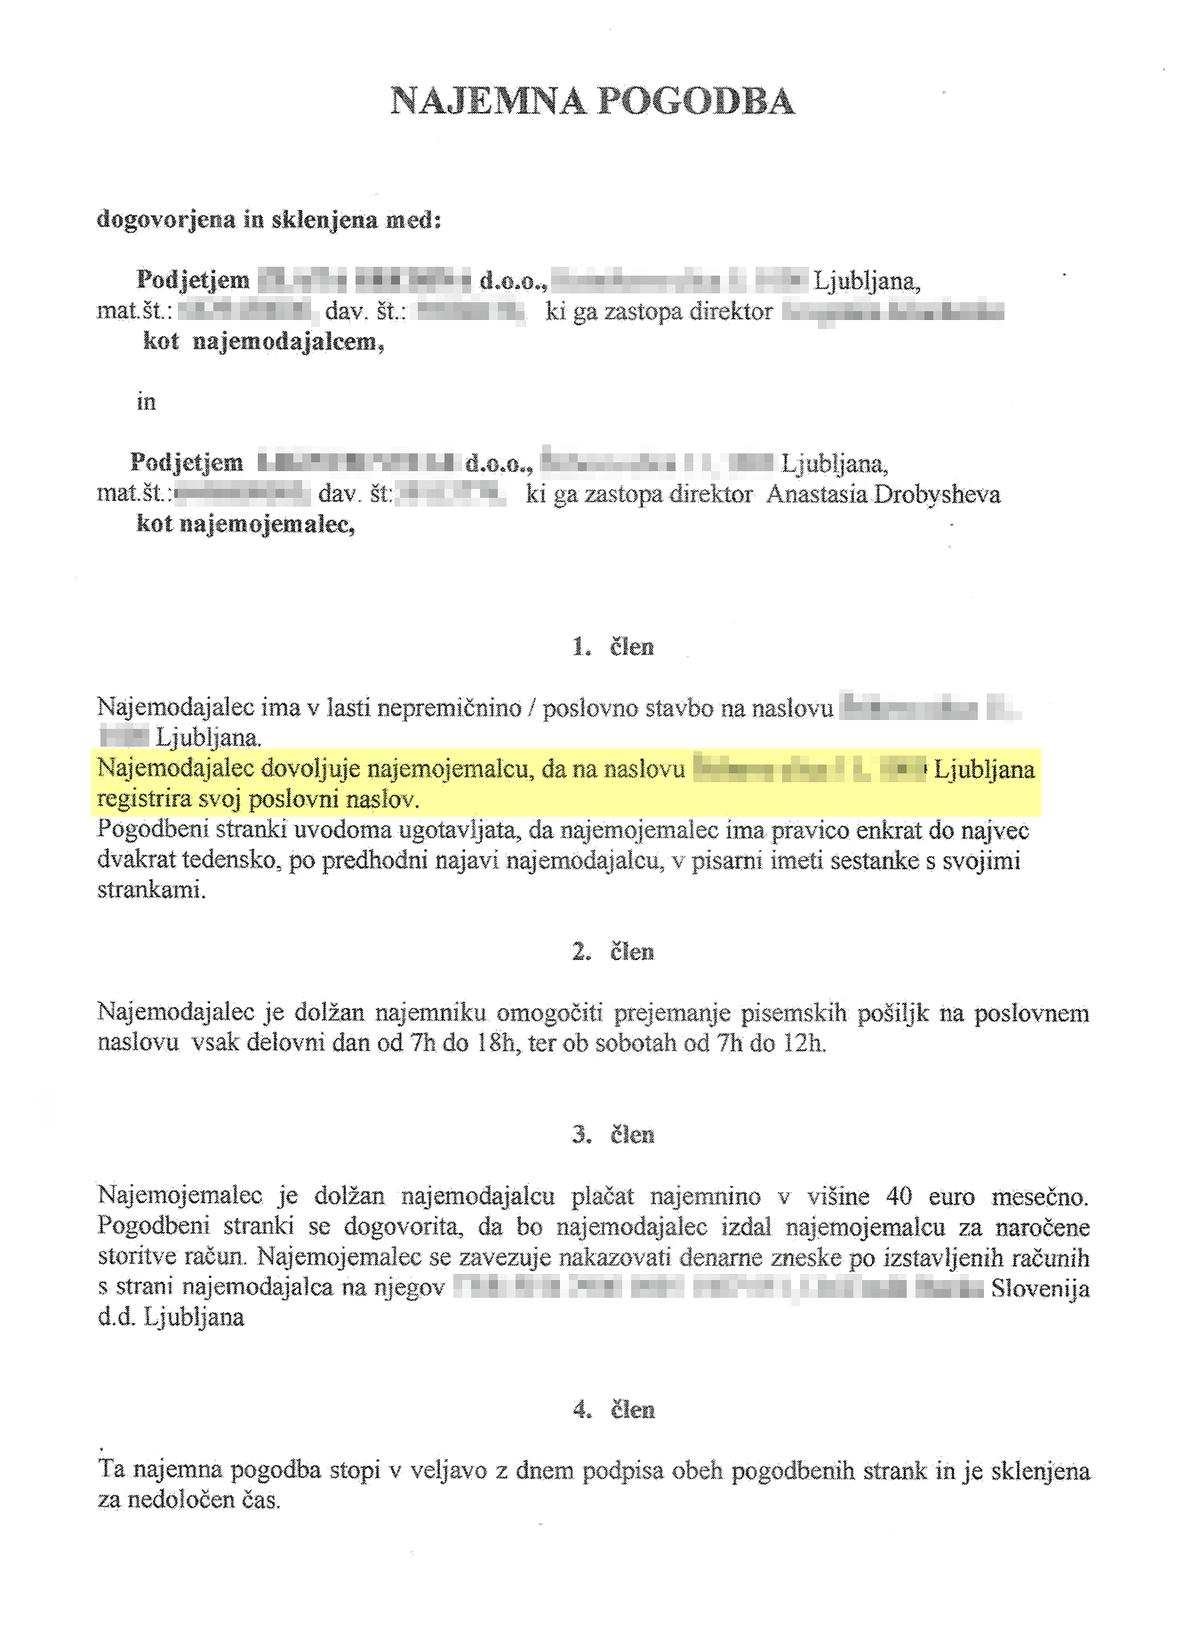 Договор с провайдером юридического адреса в Словении. Желтым выделен пункт о регистрации адреса